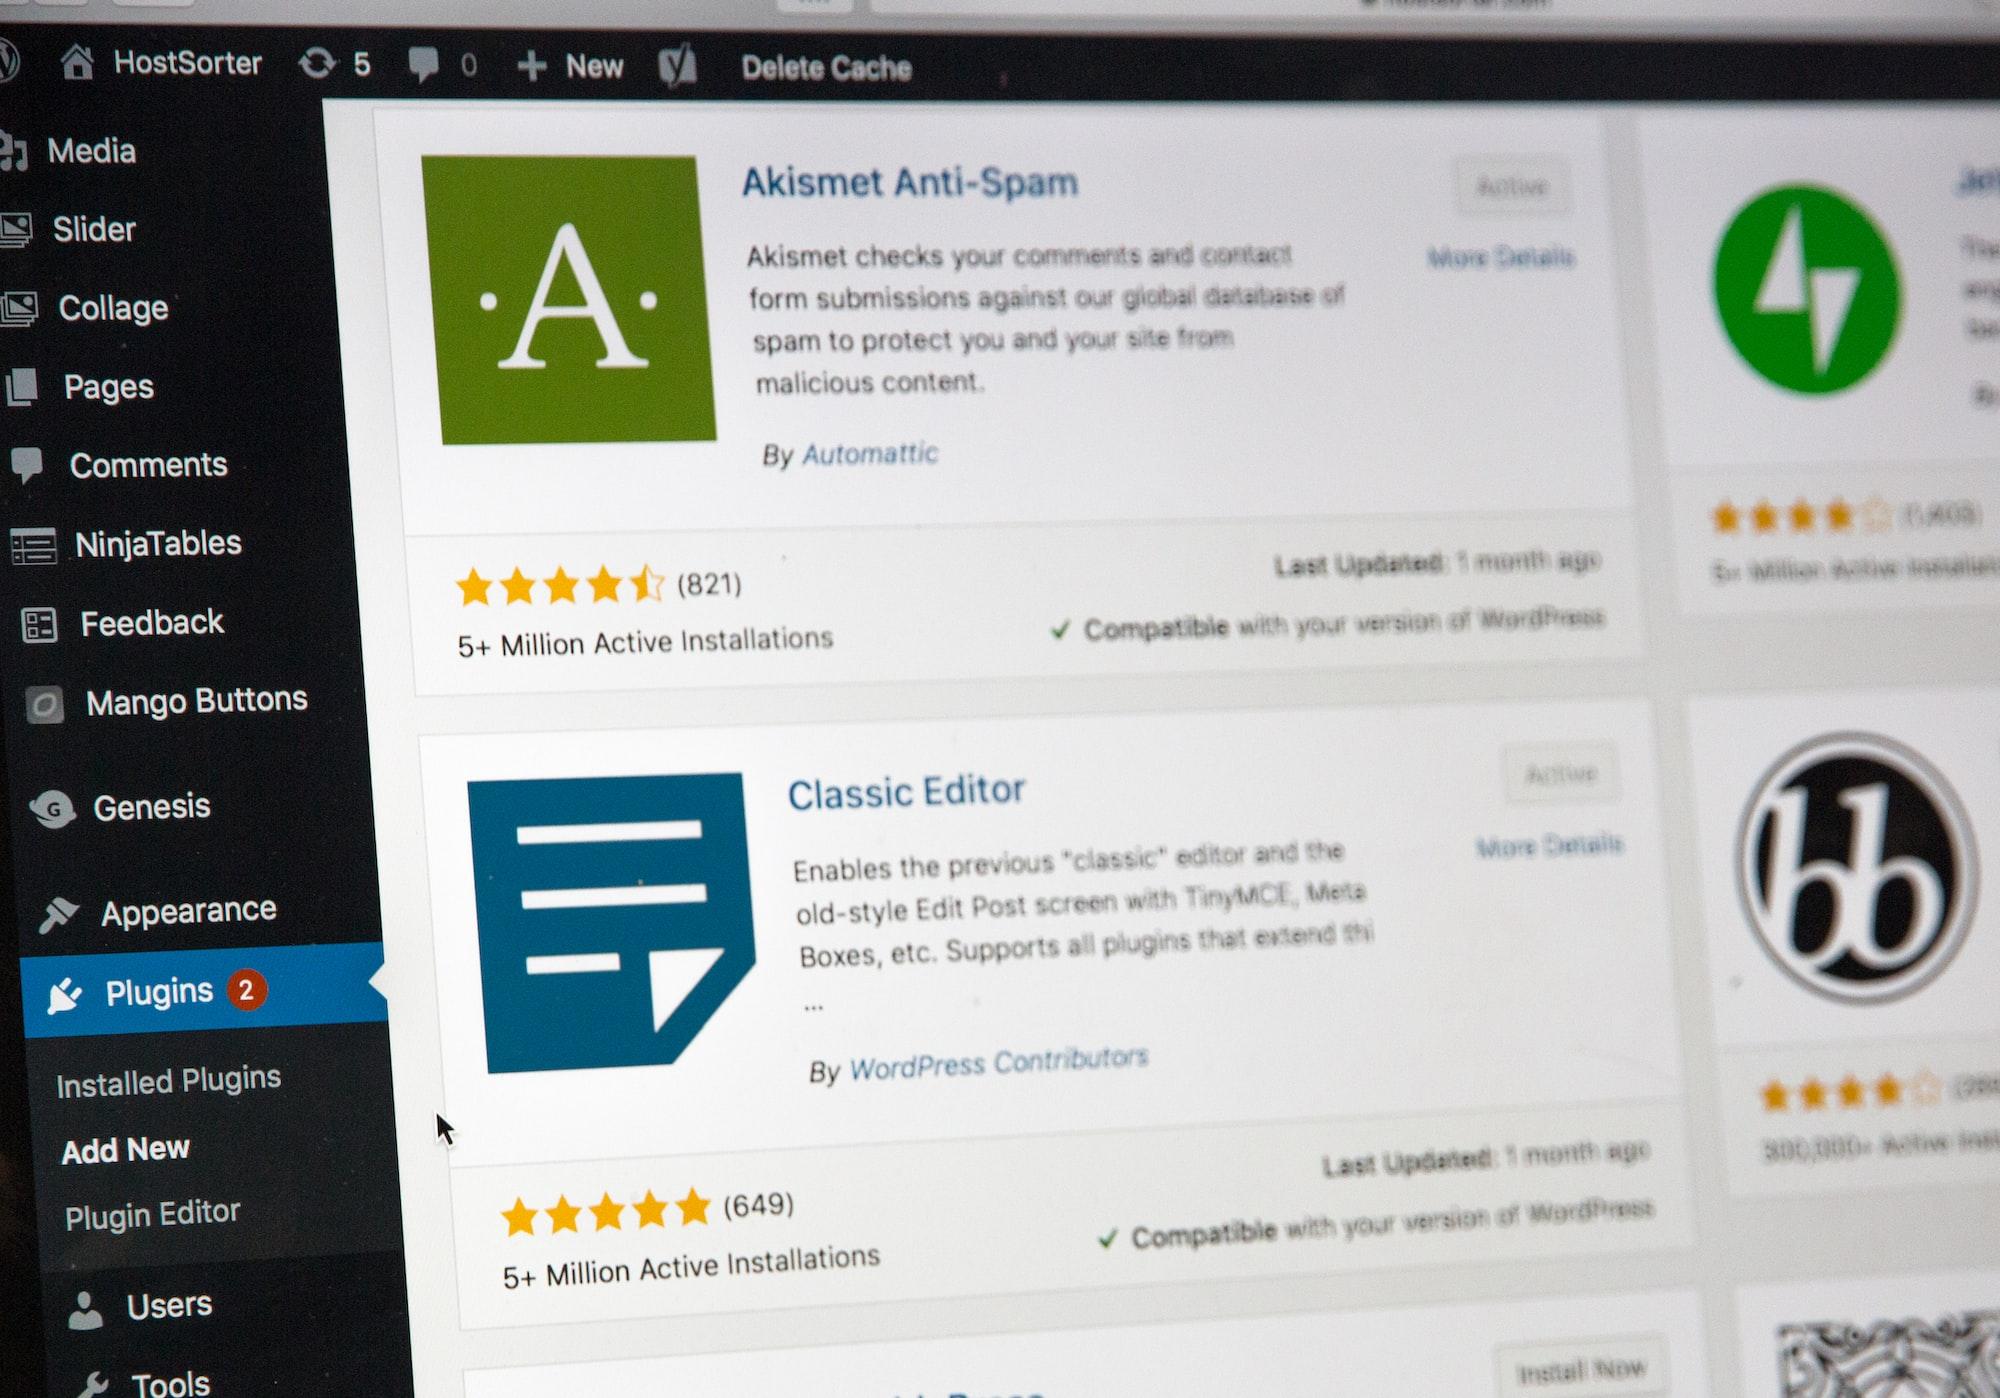 Пиратские плагины и темы для WordPress распространяют малварь